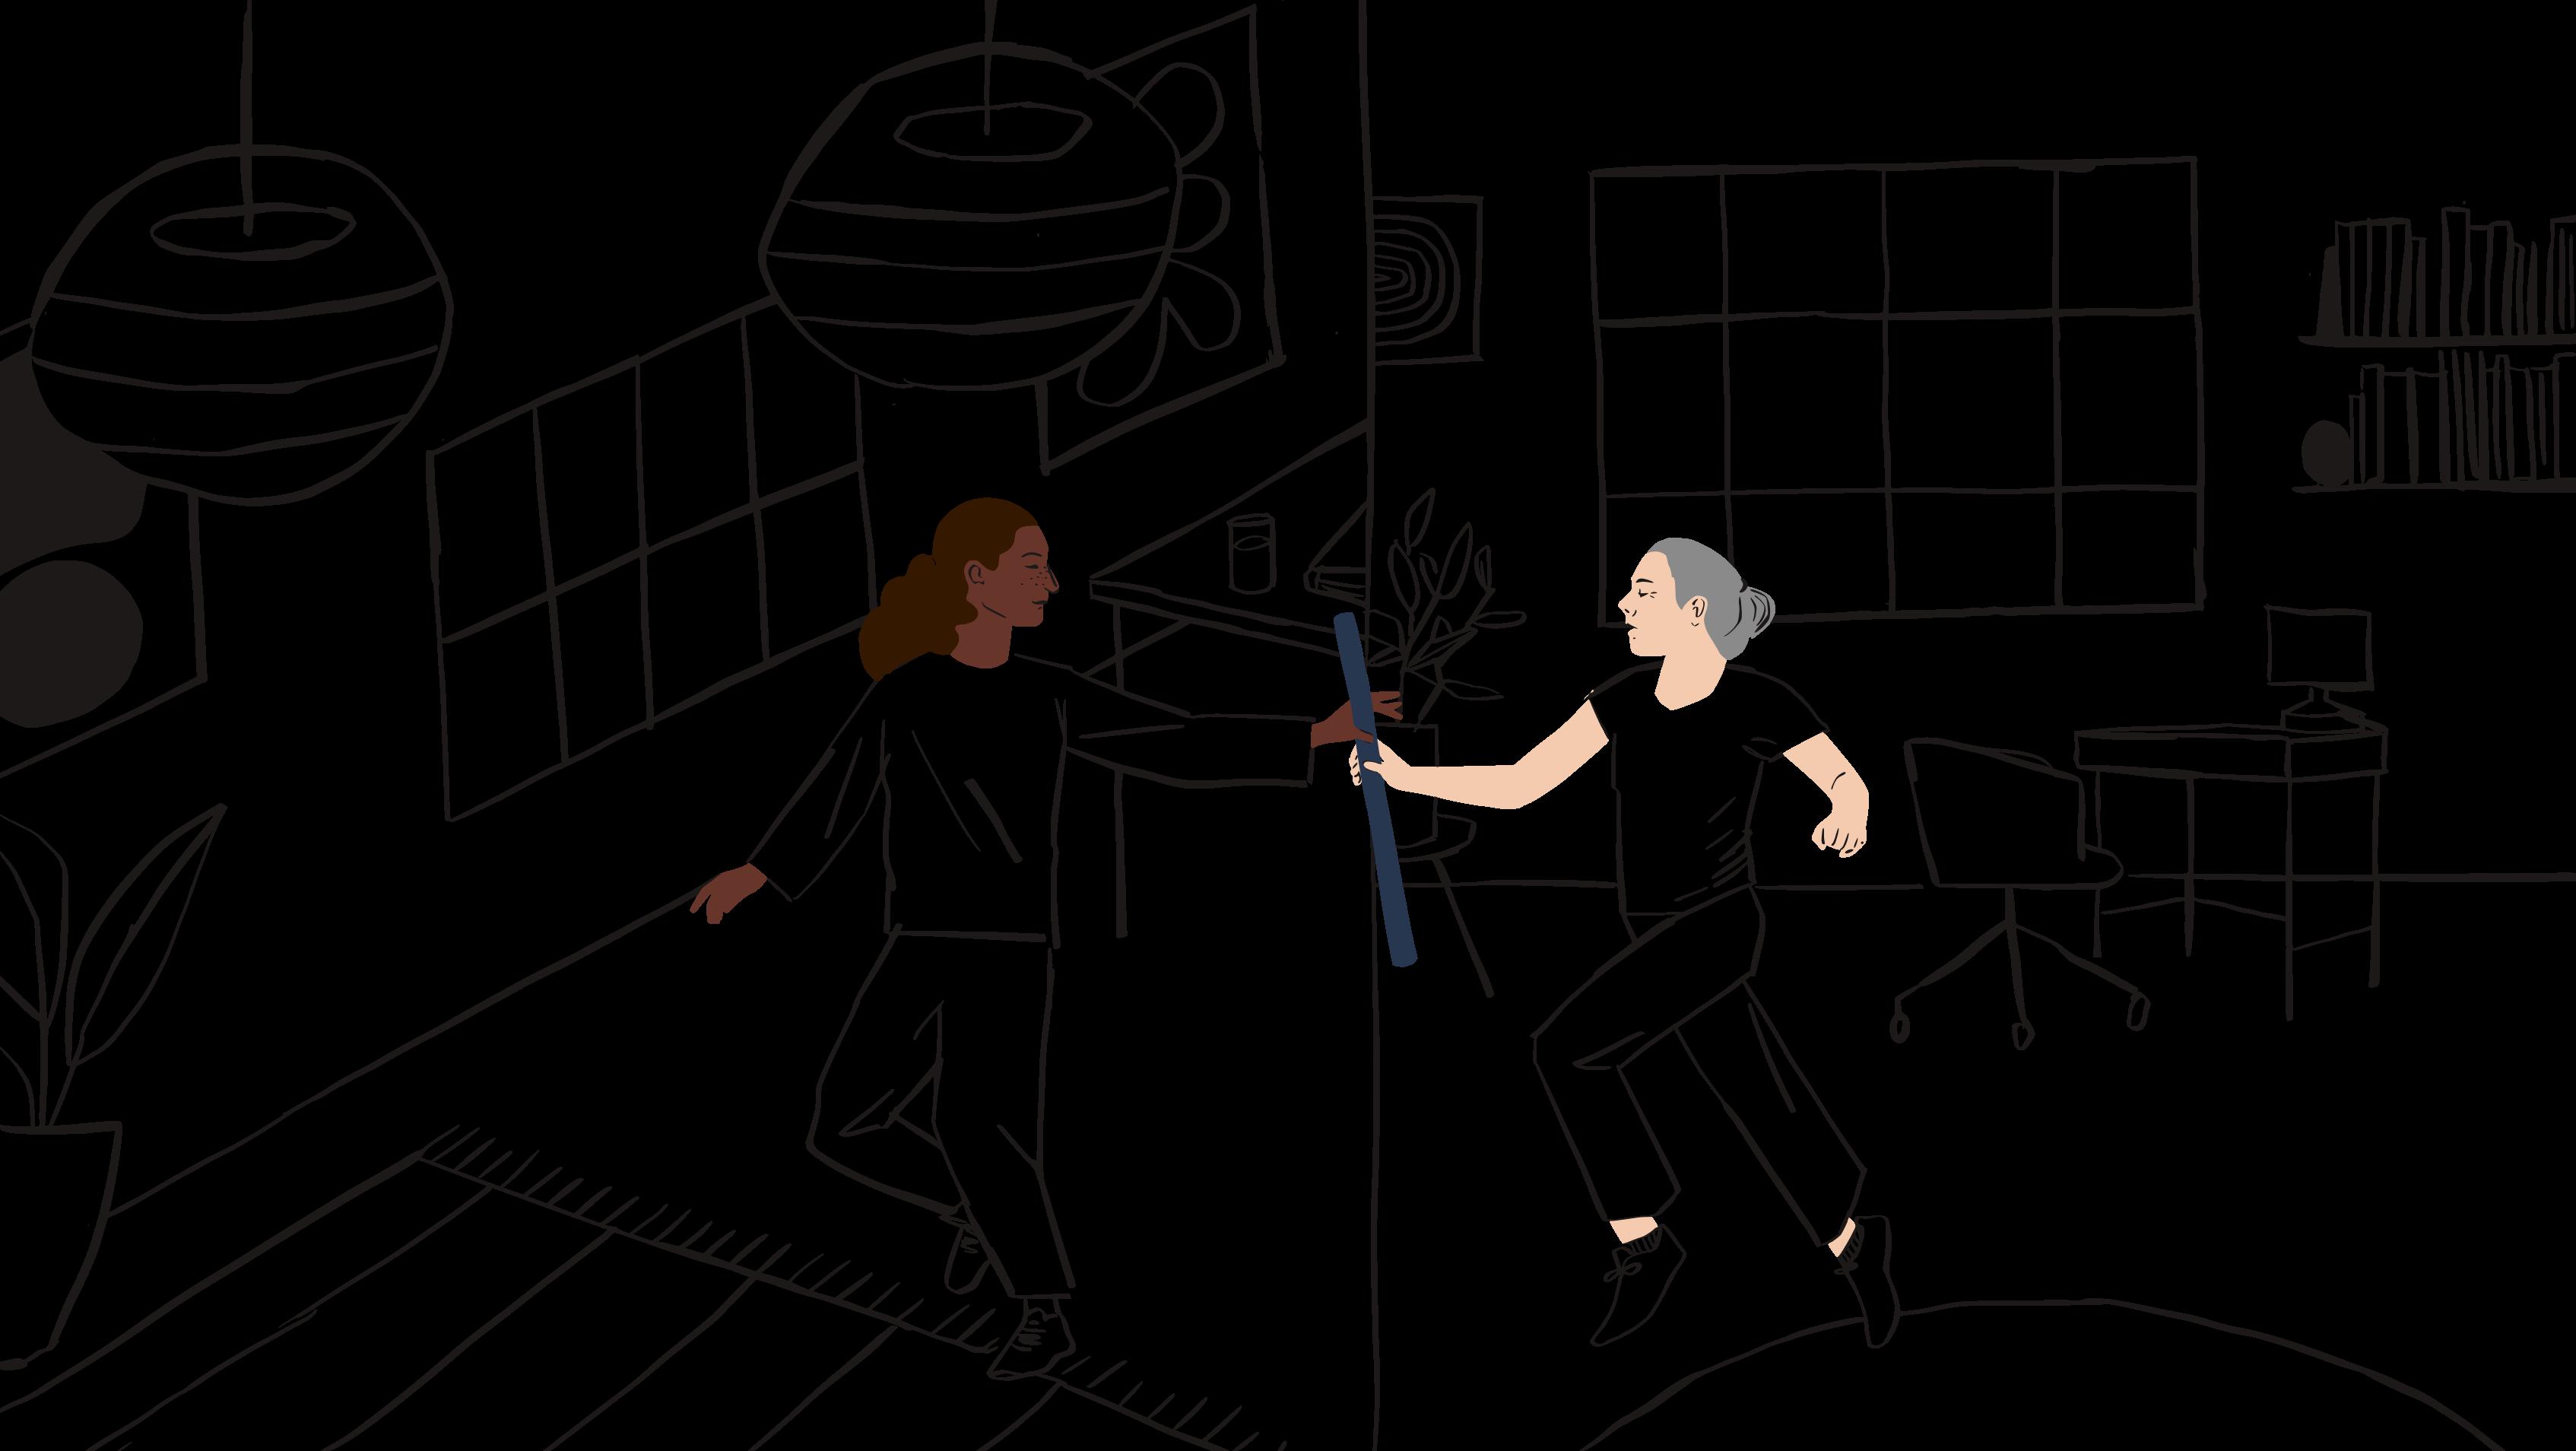 Ilustración de una mujer pasando un bastón de mando a otra mujer.